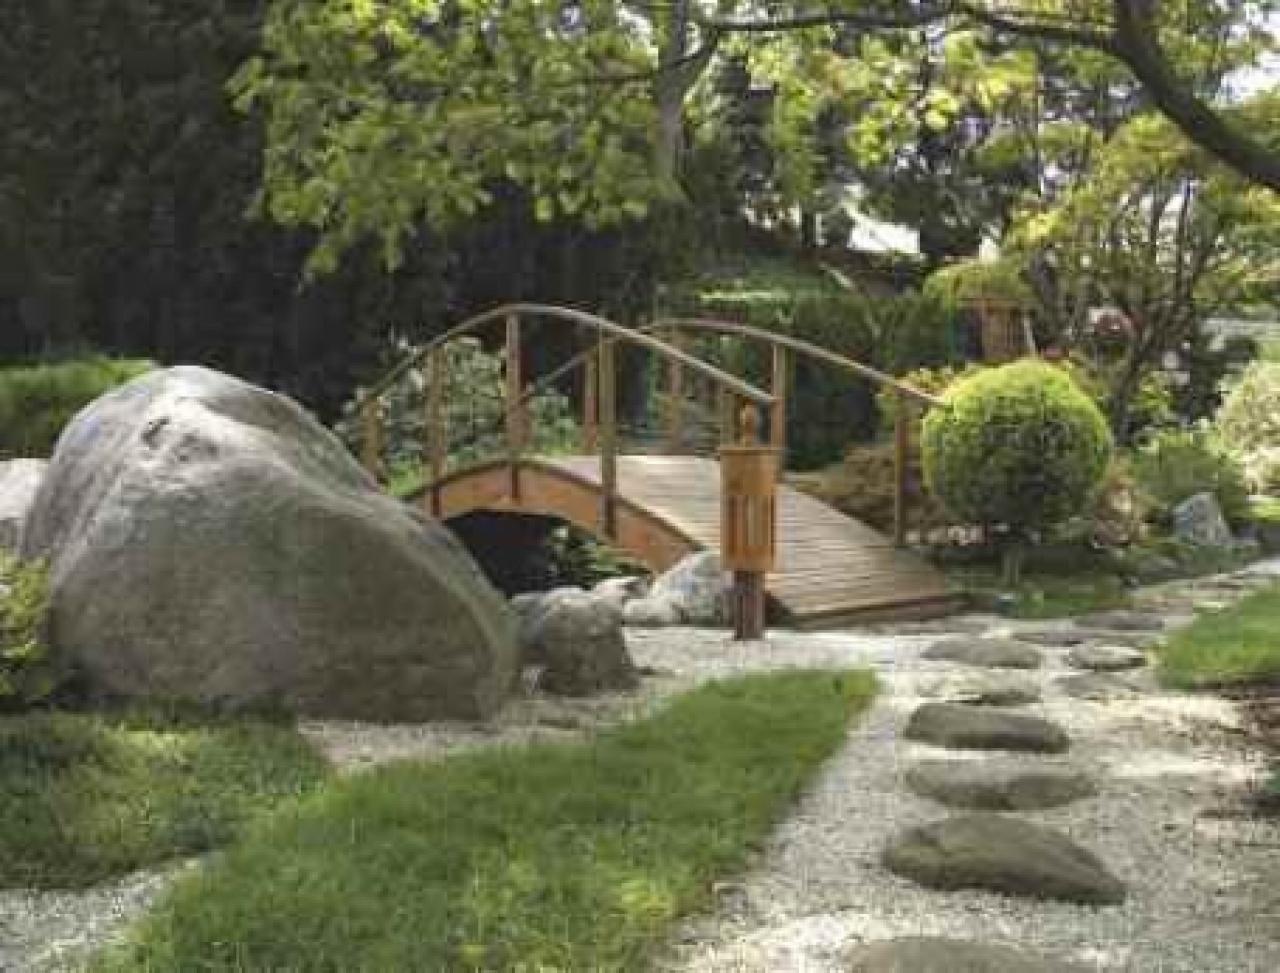 les dossiers a chacun son style de jardin daniel moquet r seau de paysagistes. Black Bedroom Furniture Sets. Home Design Ideas